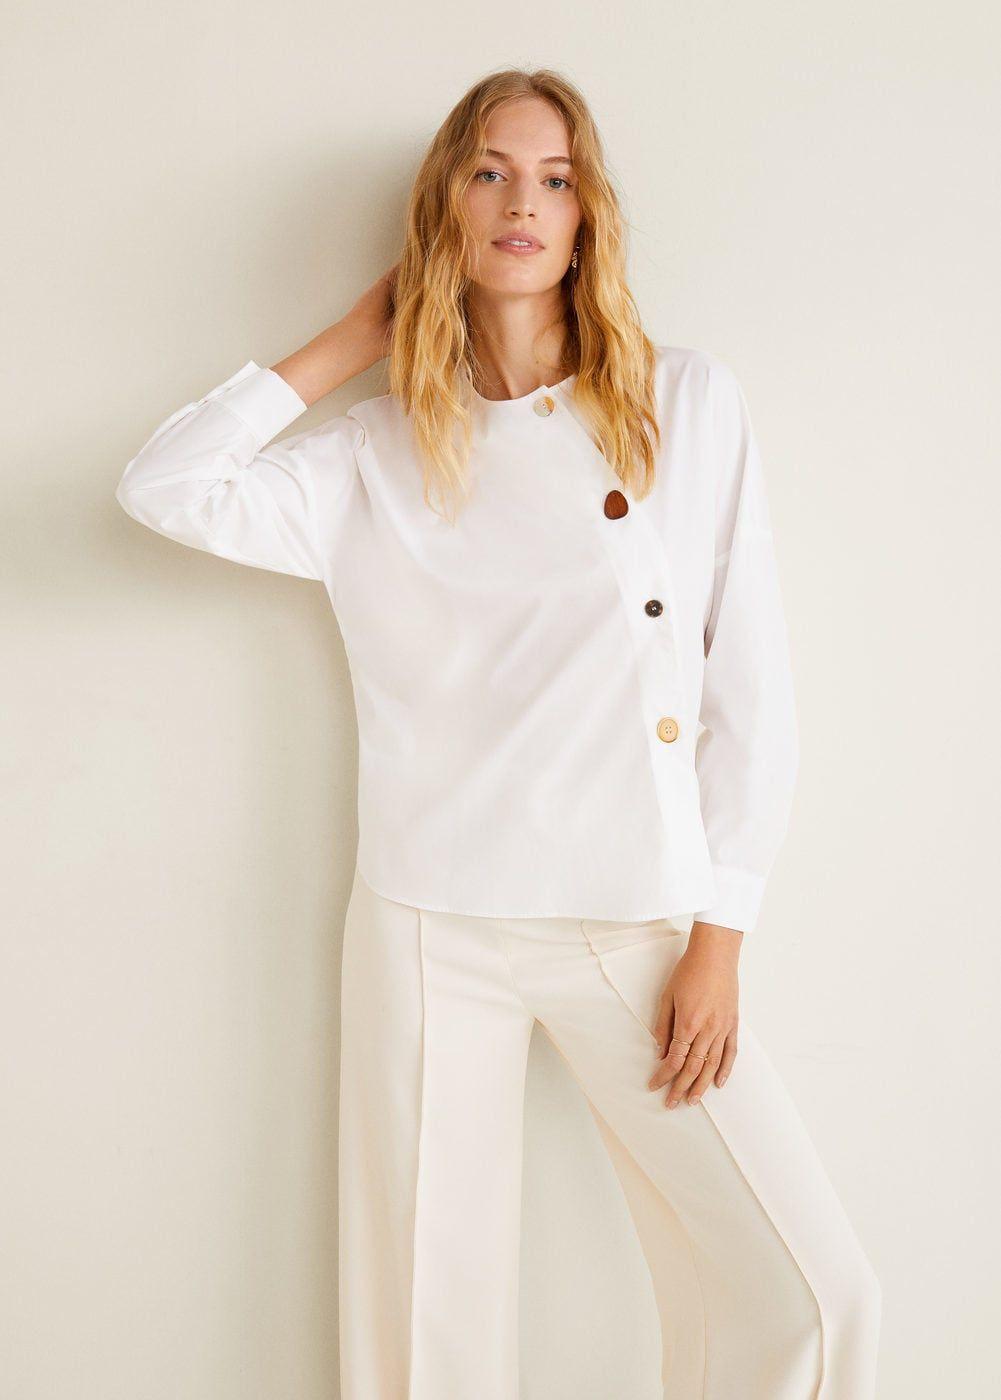 016e7e78 Cotton fabric Wrap design Long sleeve Round neck Asymmetrical button closure